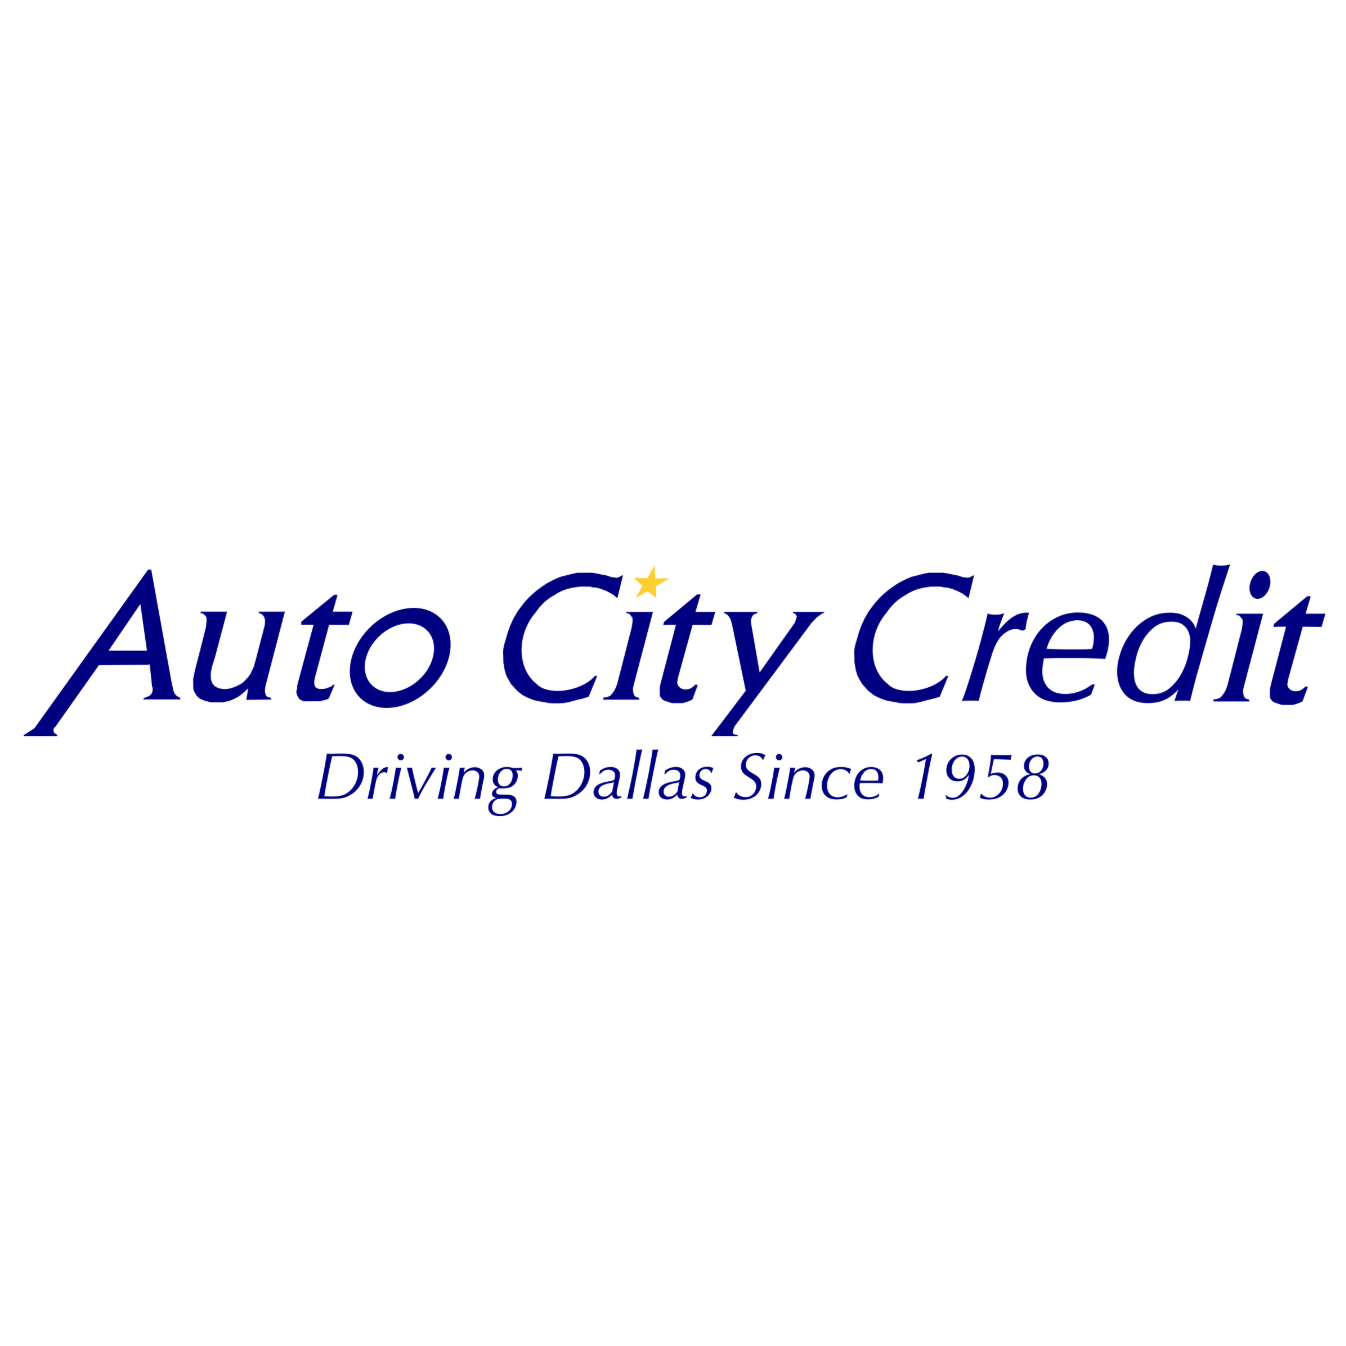 Auto City Credit